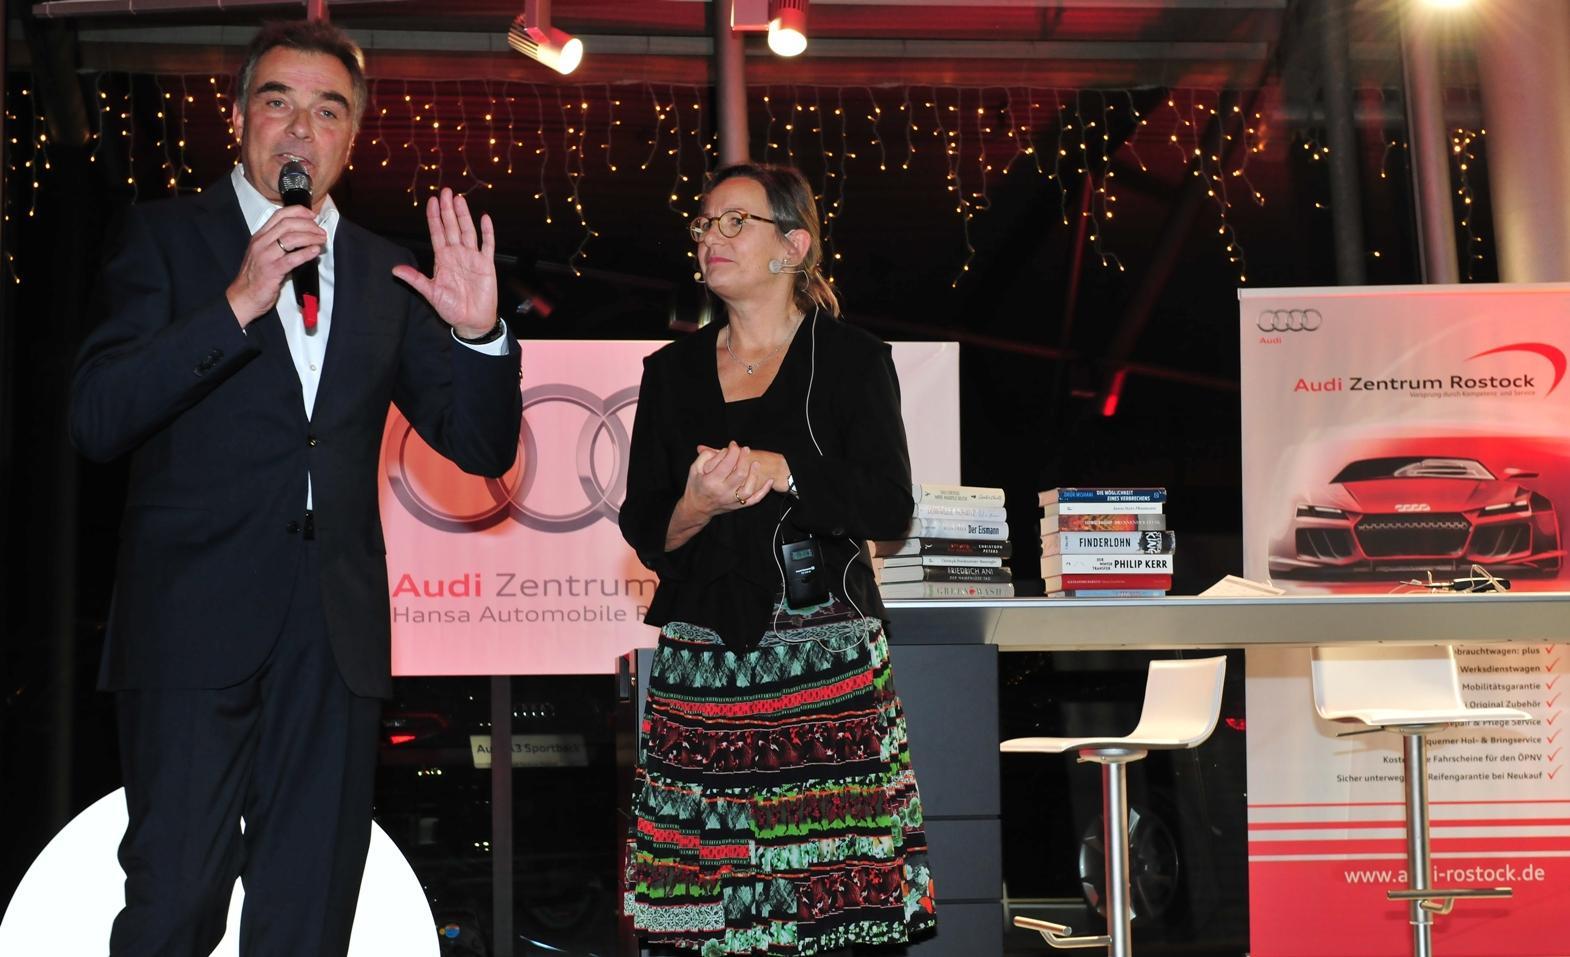 Gerd Rapior moderiert Buchpräsentationh mit Annemarie Stoltenberg Krimiu Nacht  Norddeutsche Neuste Nachrichten